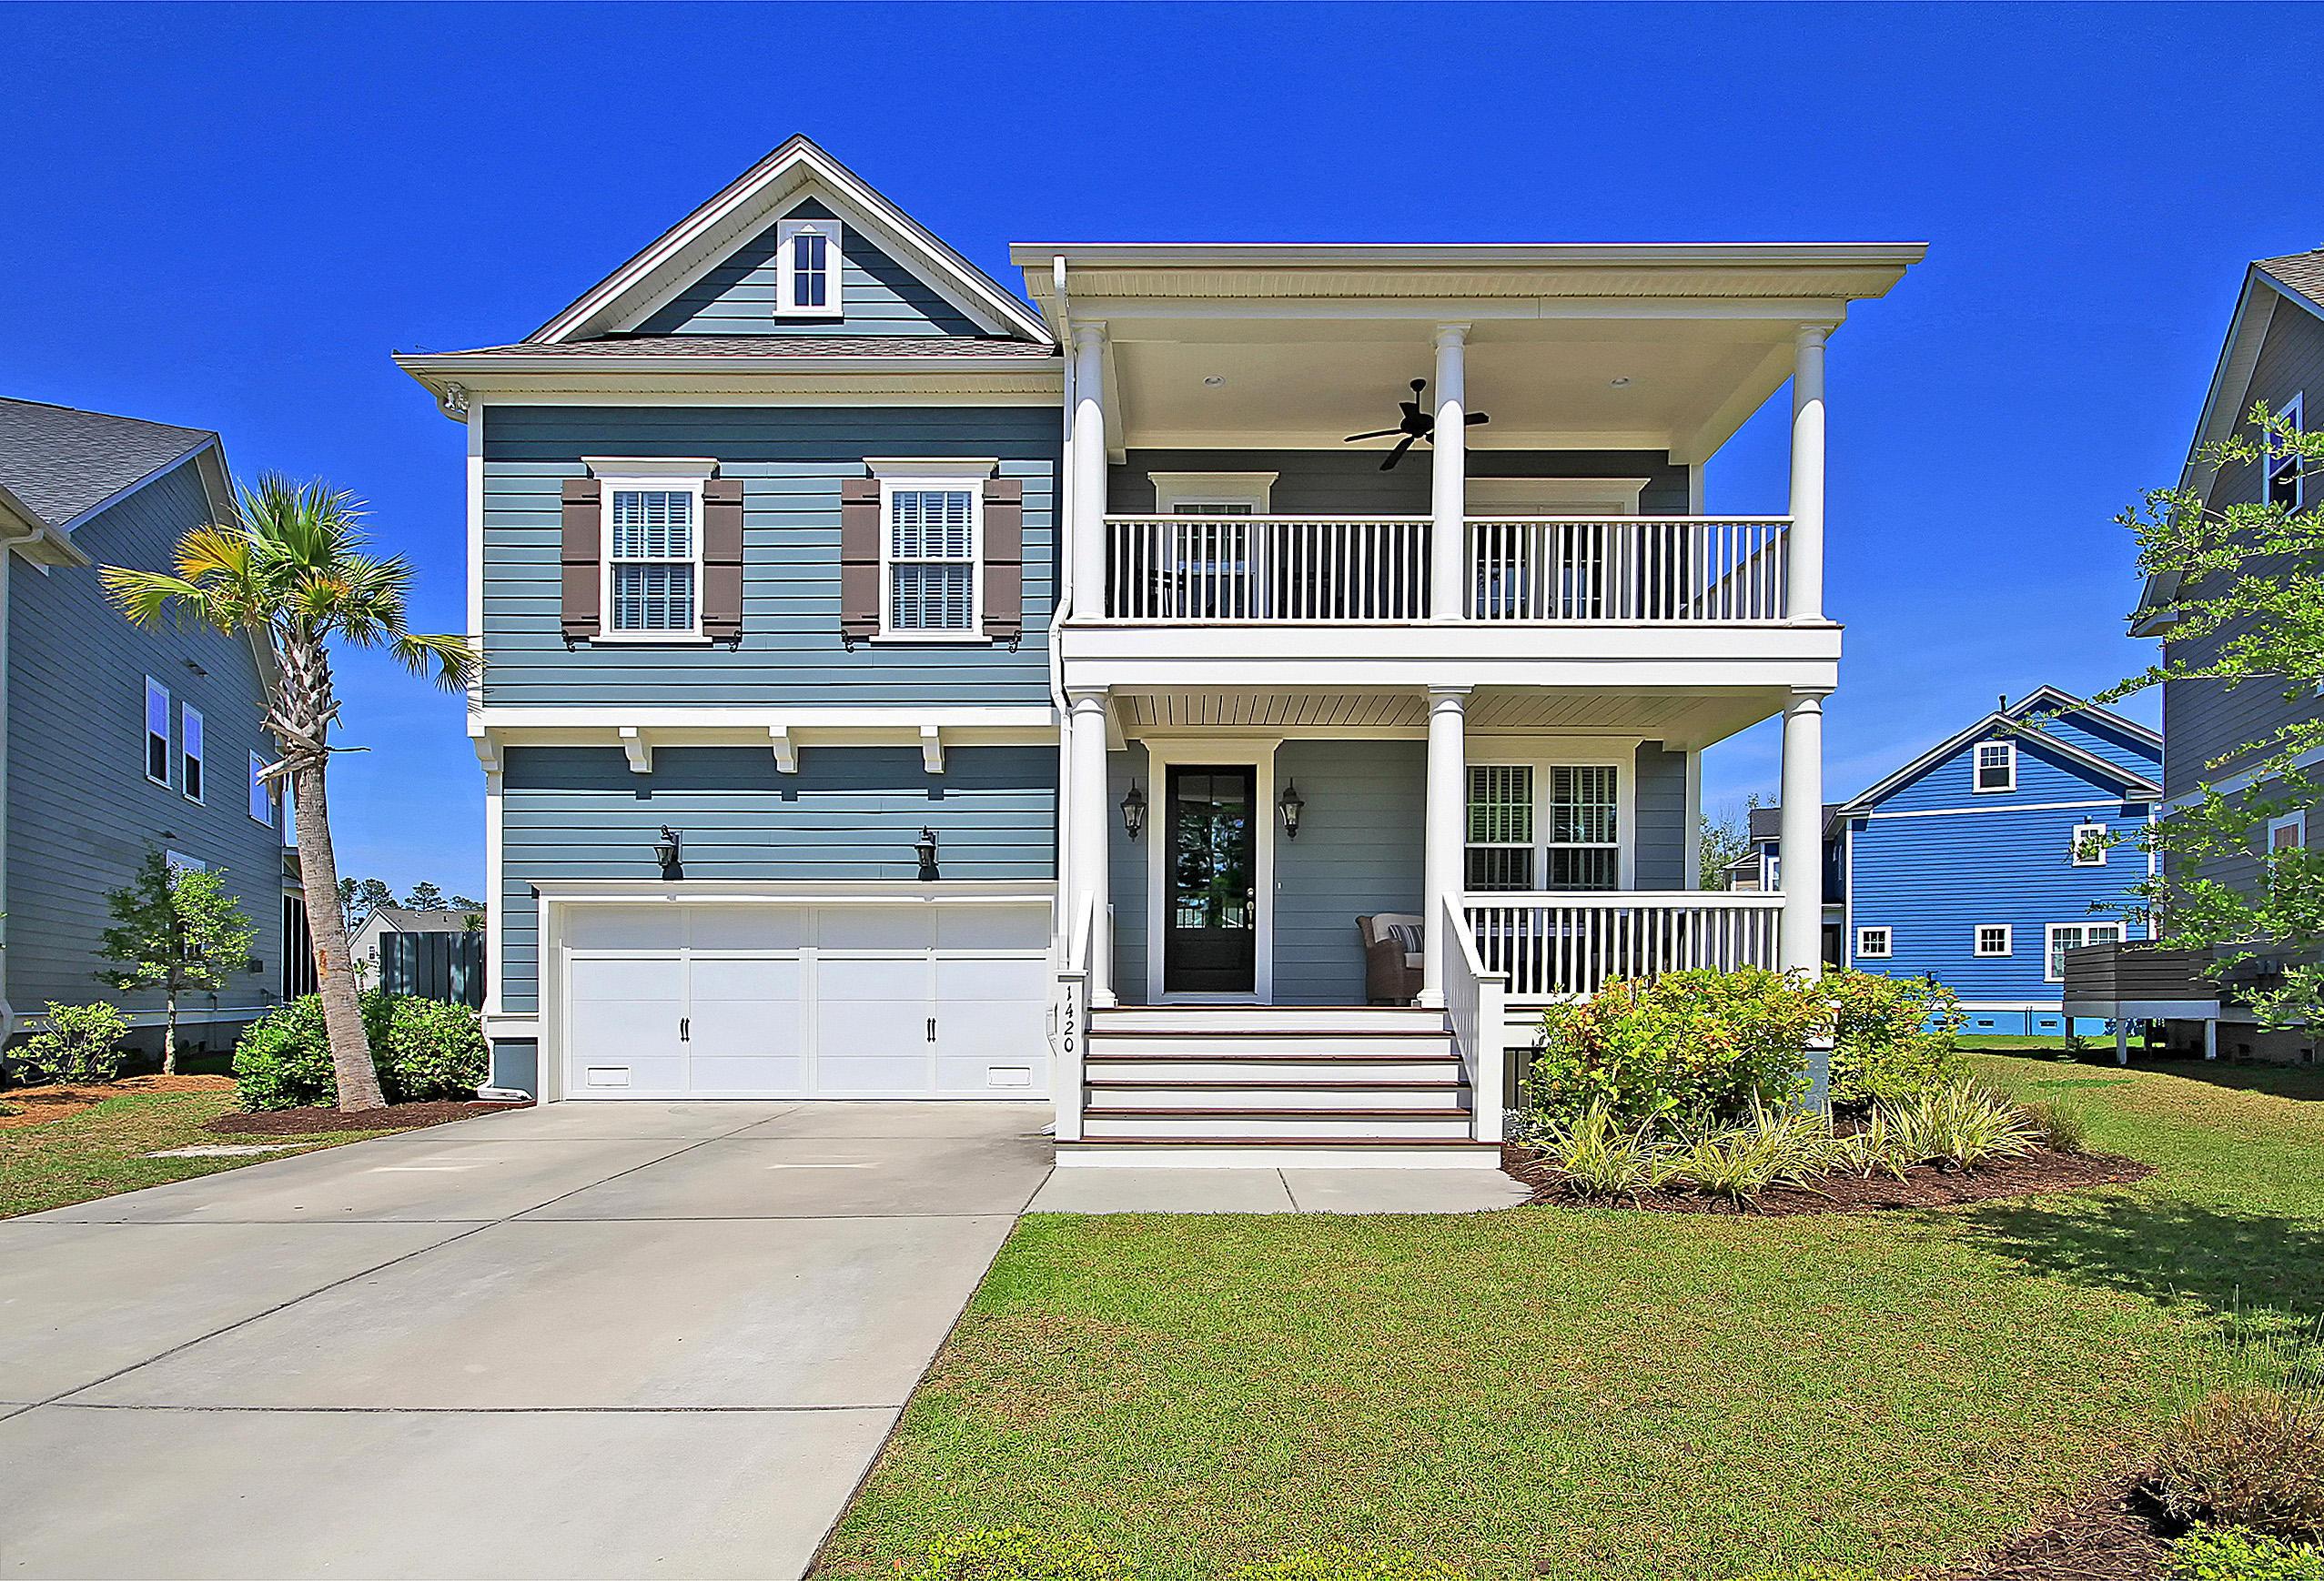 Dunes West Homes For Sale - 1420 Trip Line, Mount Pleasant, SC - 65